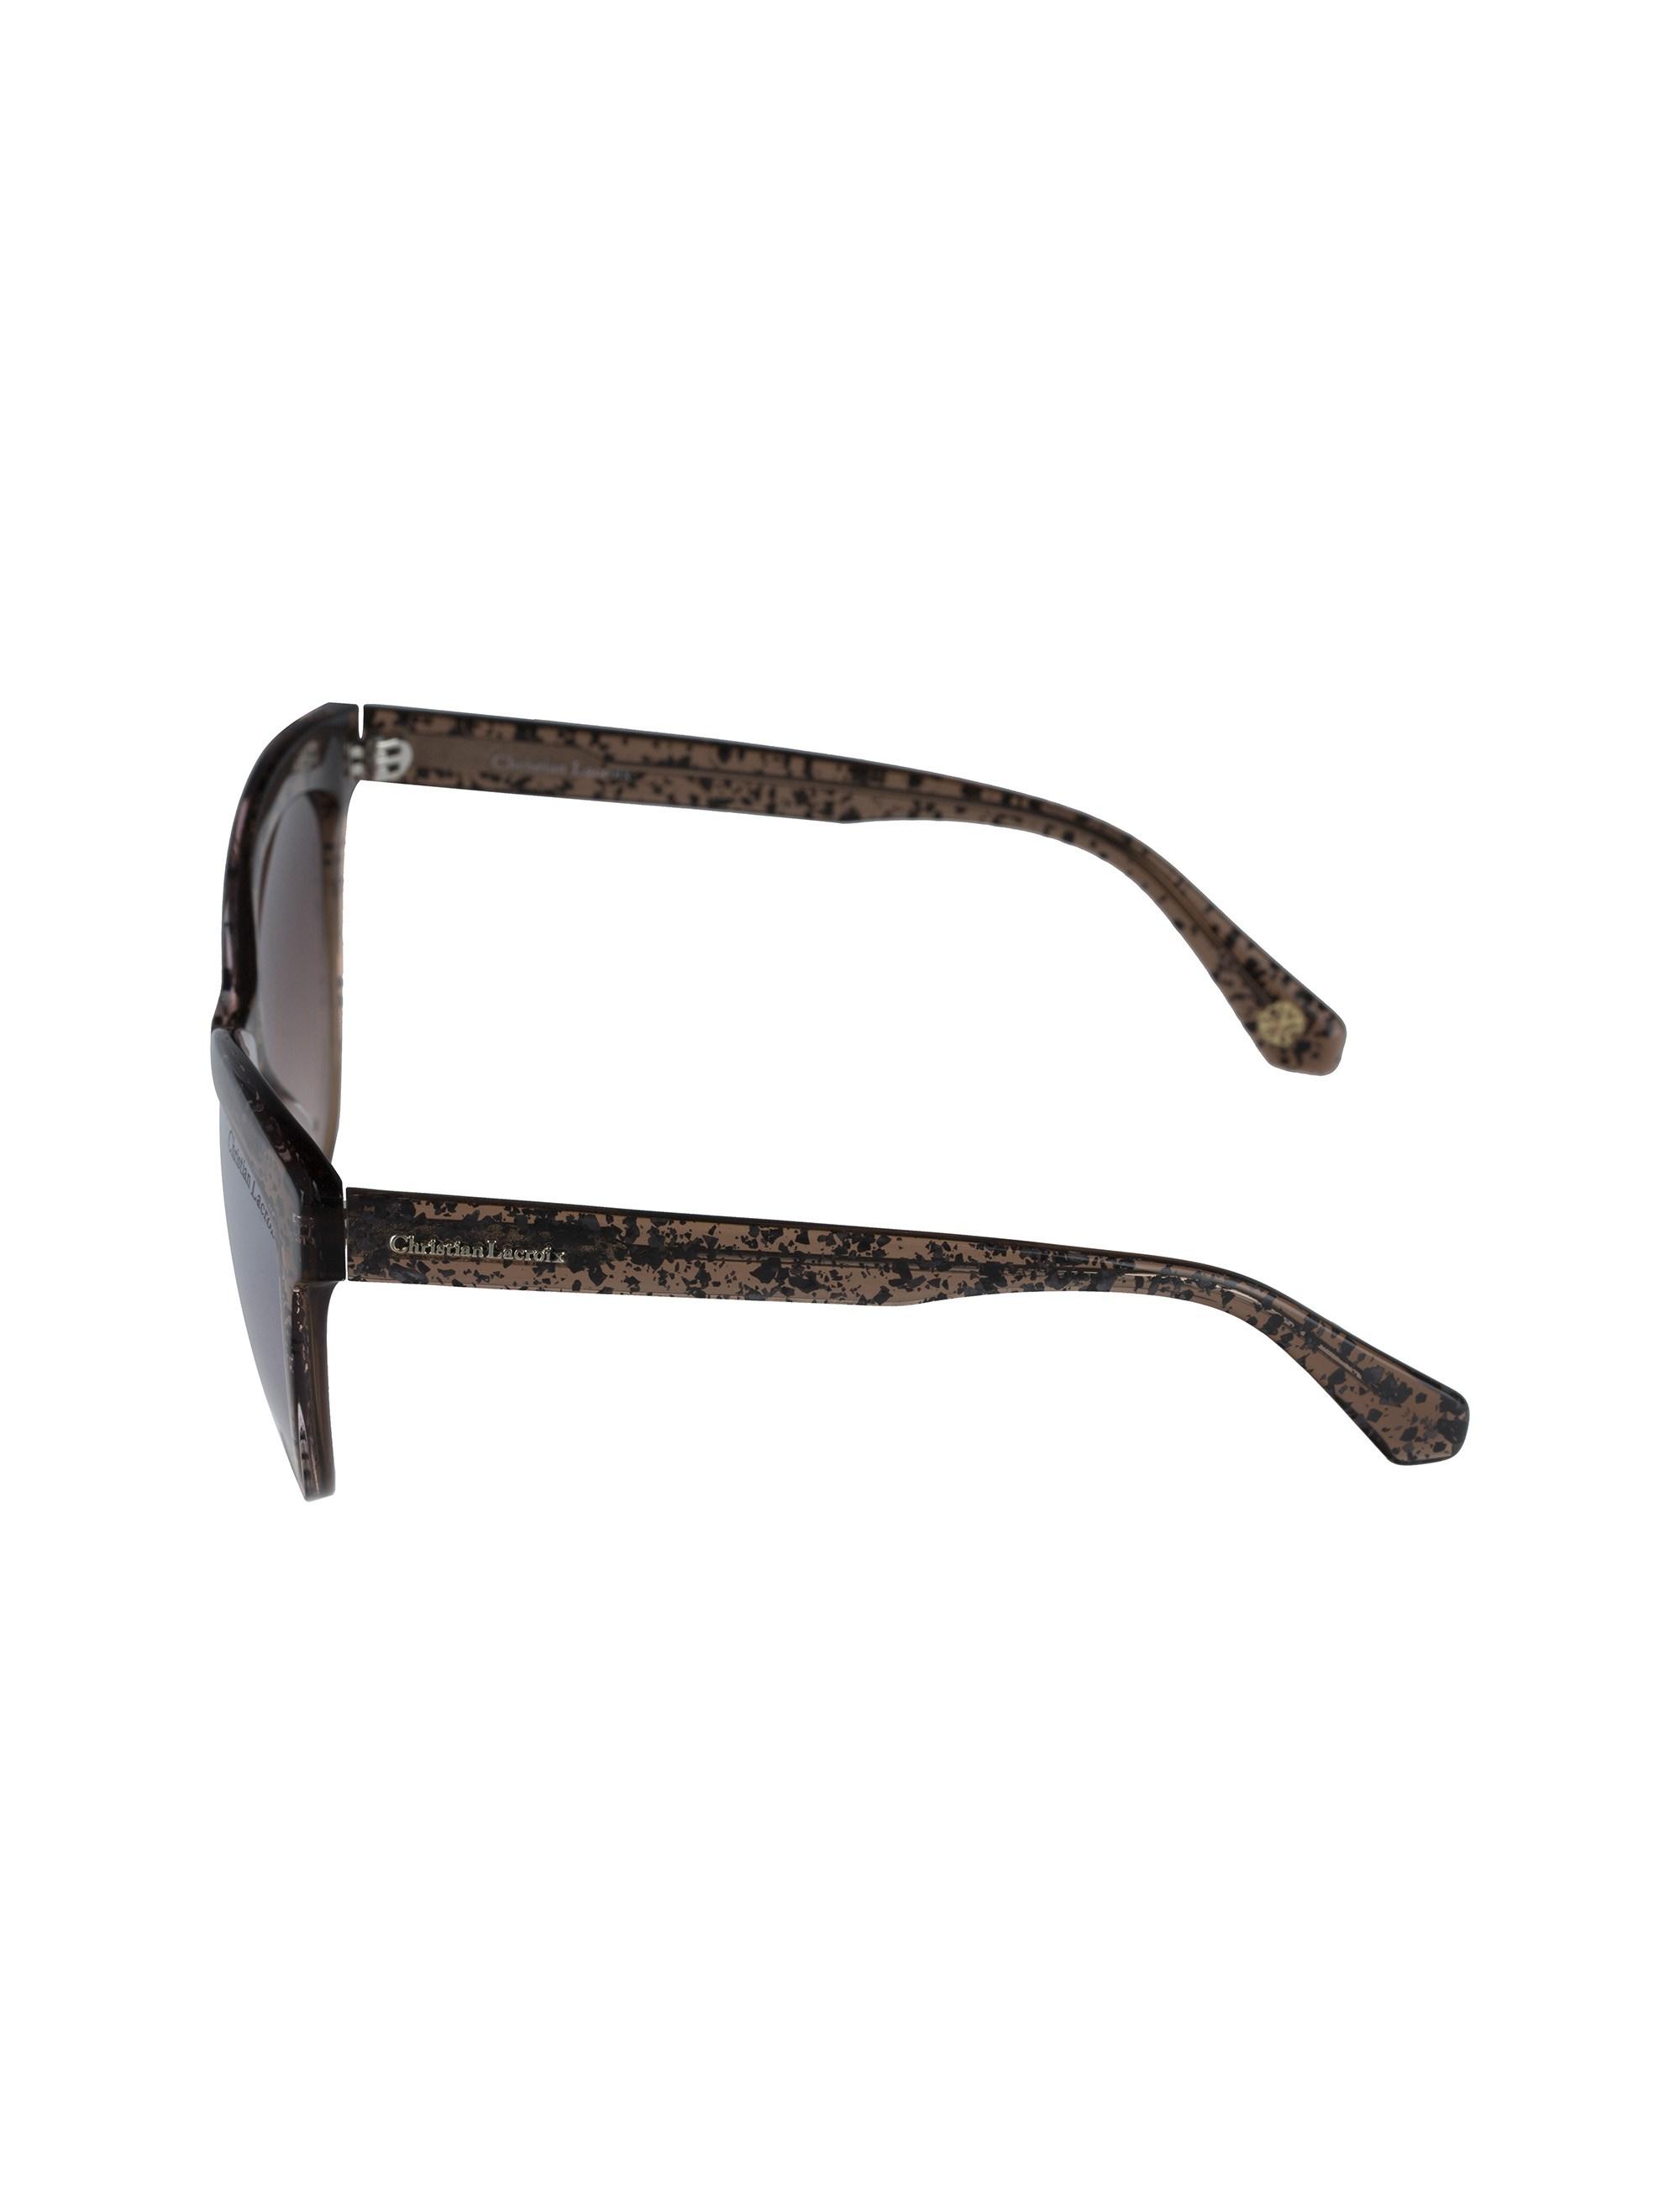 عینک آفتابی گربه ای زنانه - کریستین لاکروآ - کاراملي شفاف - 3